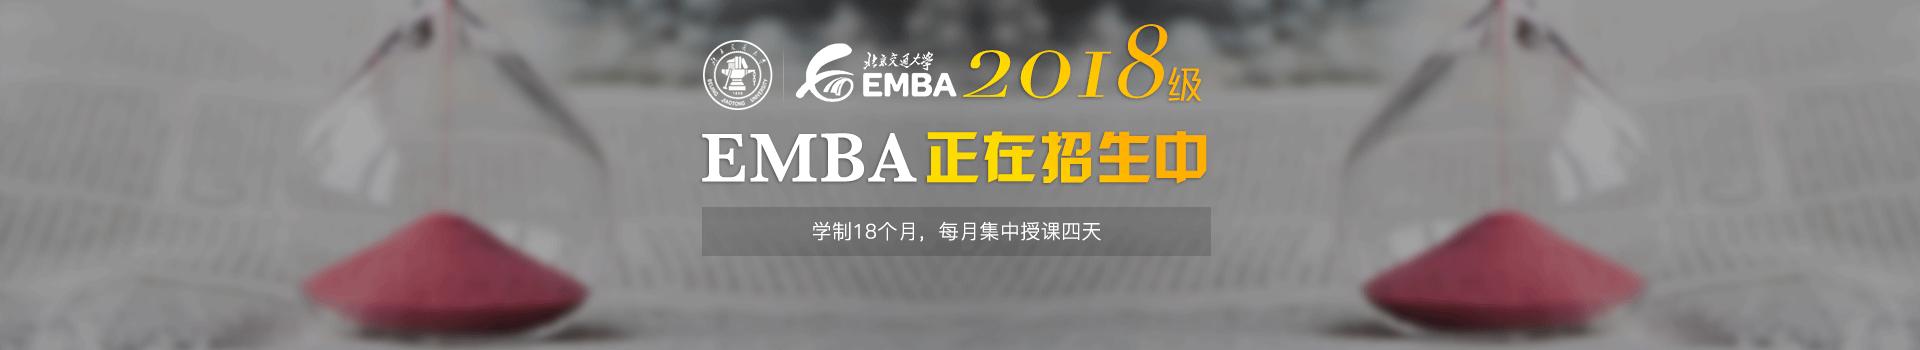 北京交通大学经济管理学院高级工商管理EMBA研修班招生简章